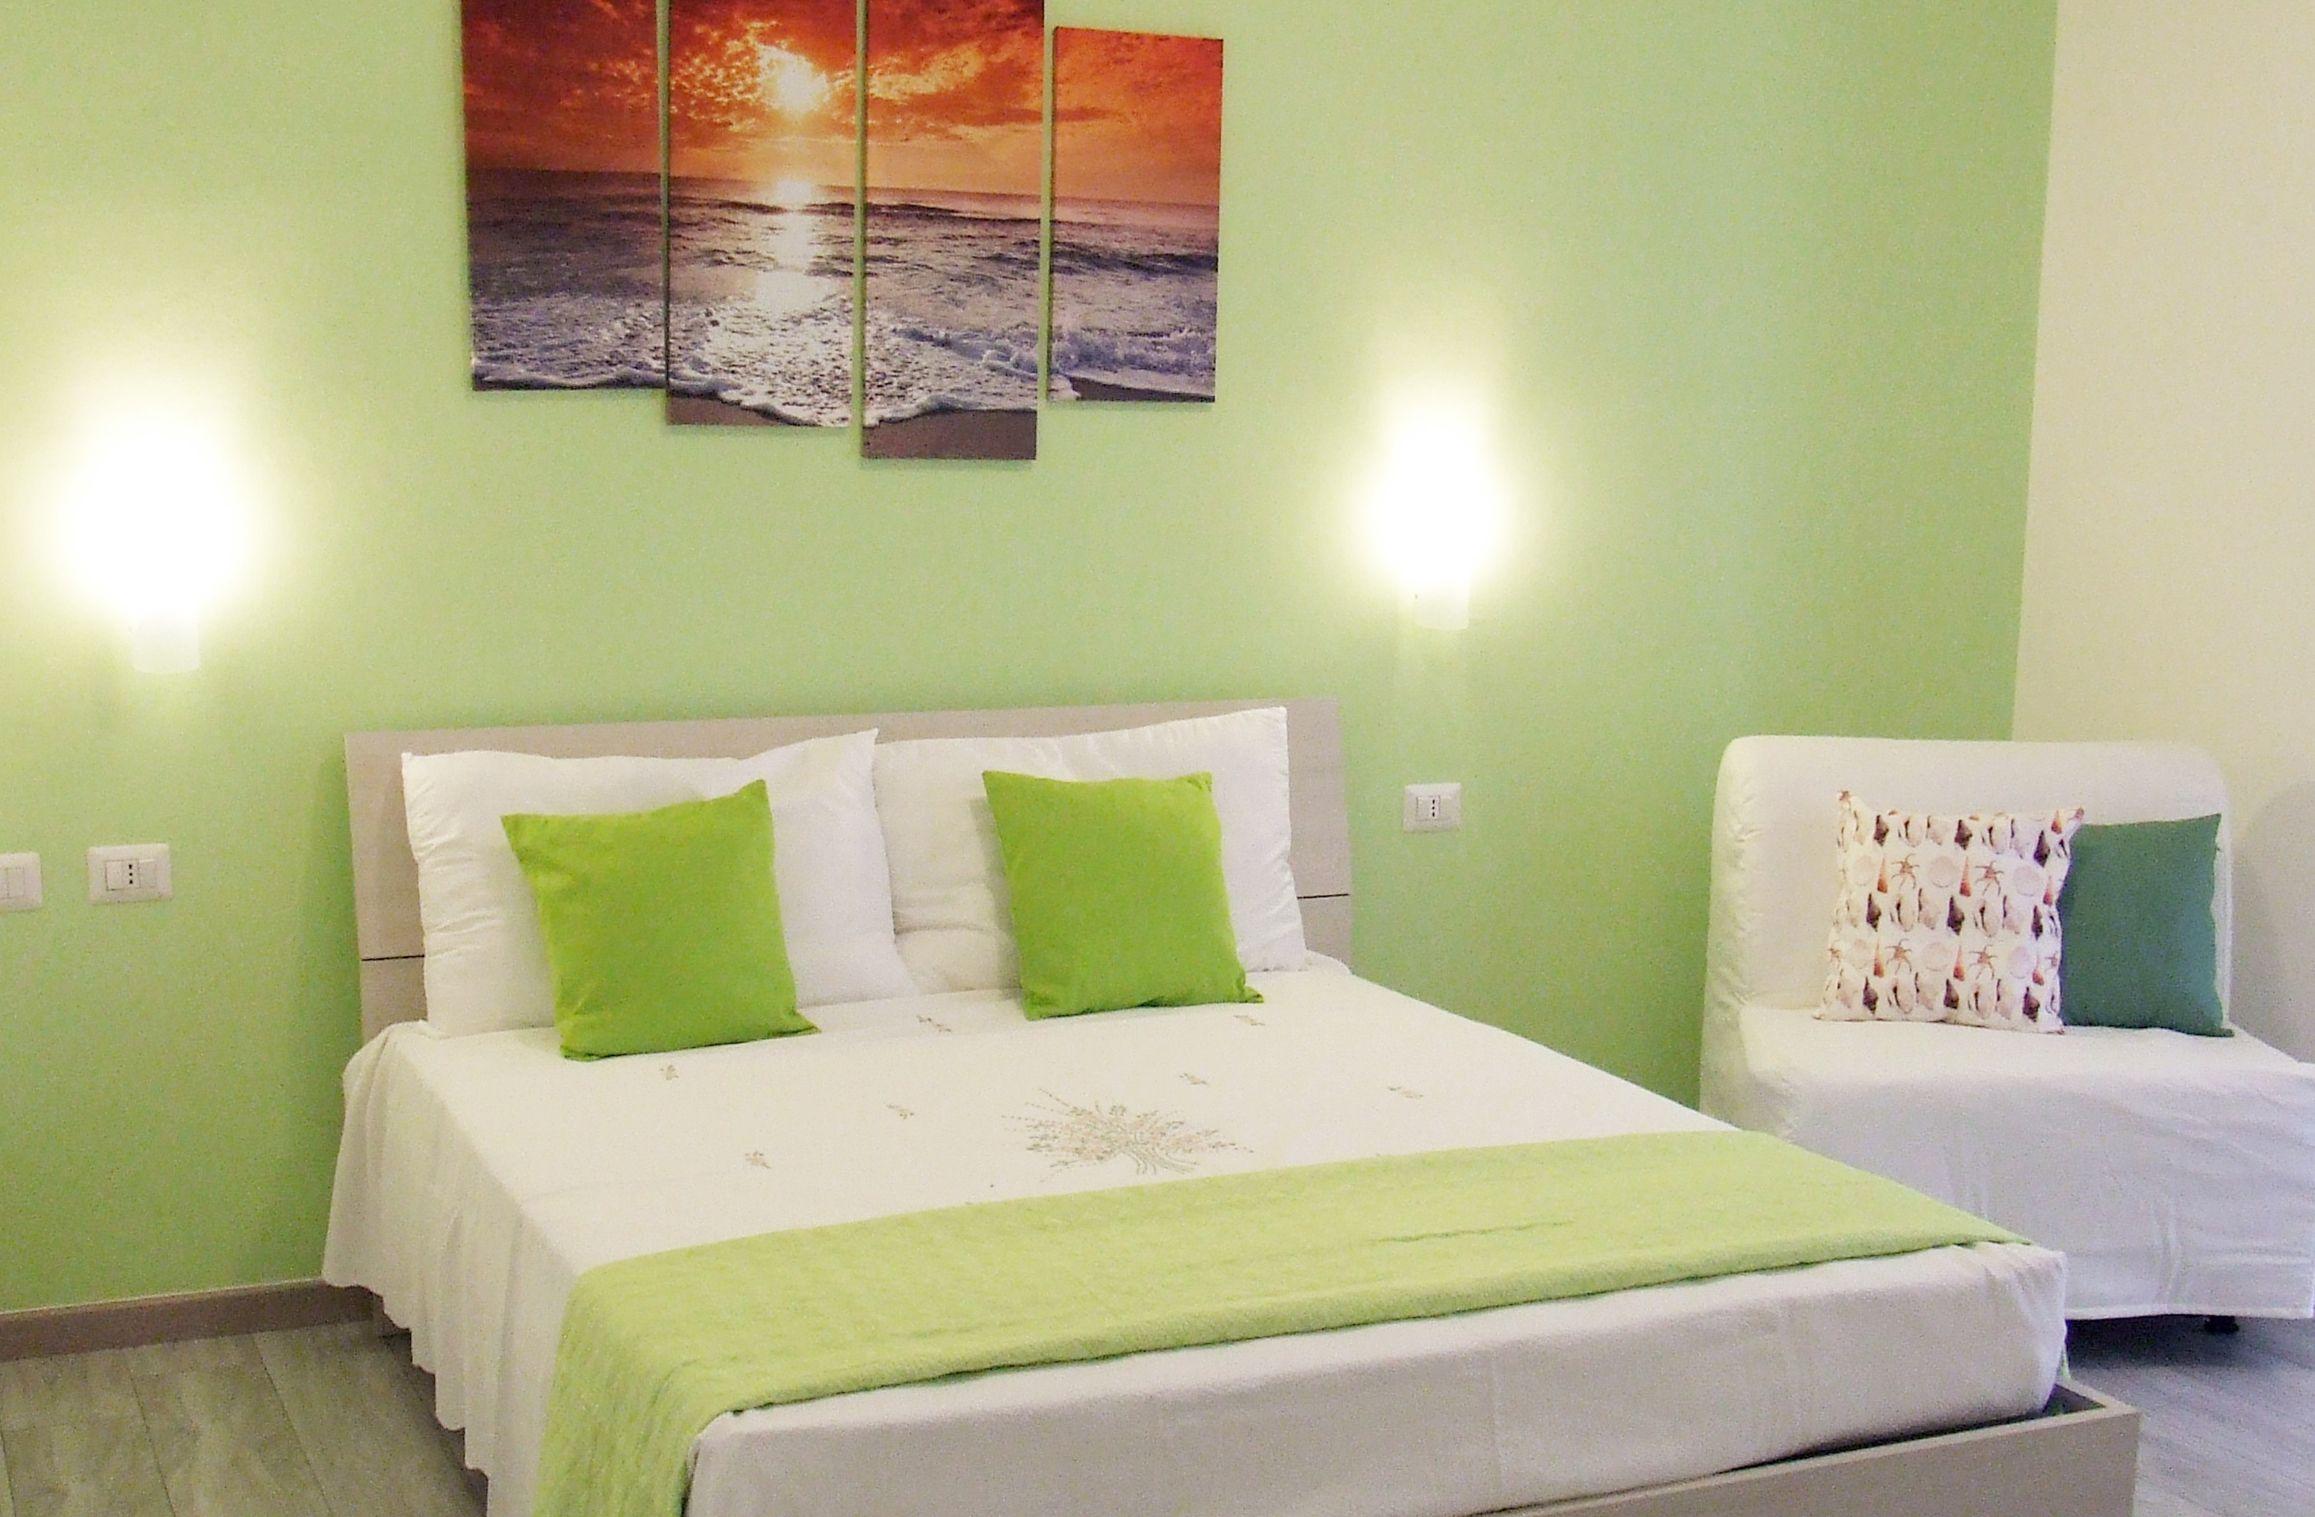 LeolÙ Guesthouse Bed & Breakfast